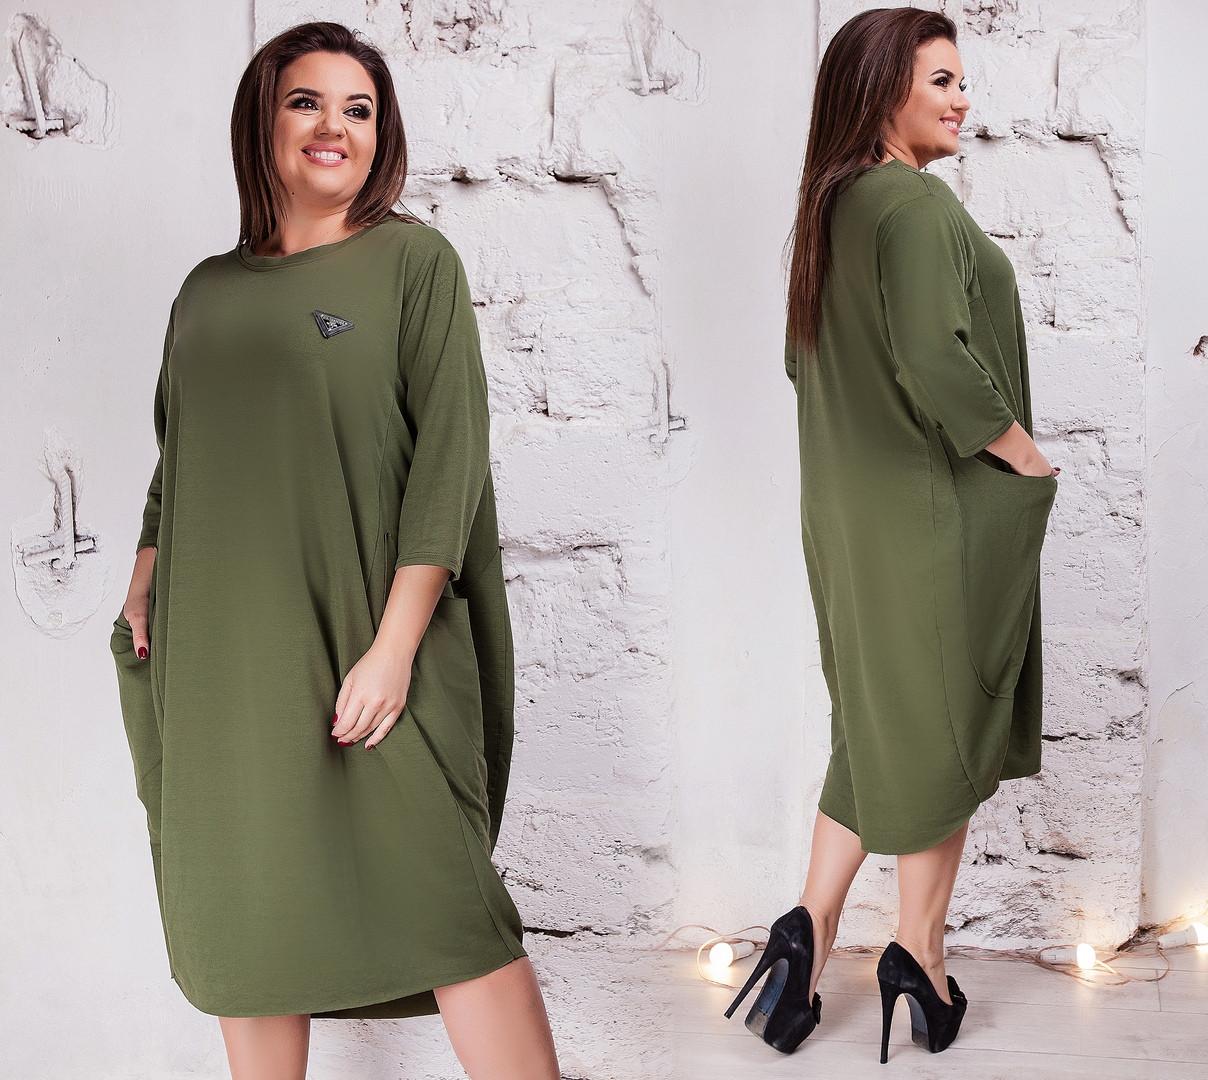 ca620f82281 Женское платье свободный фасон с карманами в стиле Бохо двухнить батал  размер 50-52